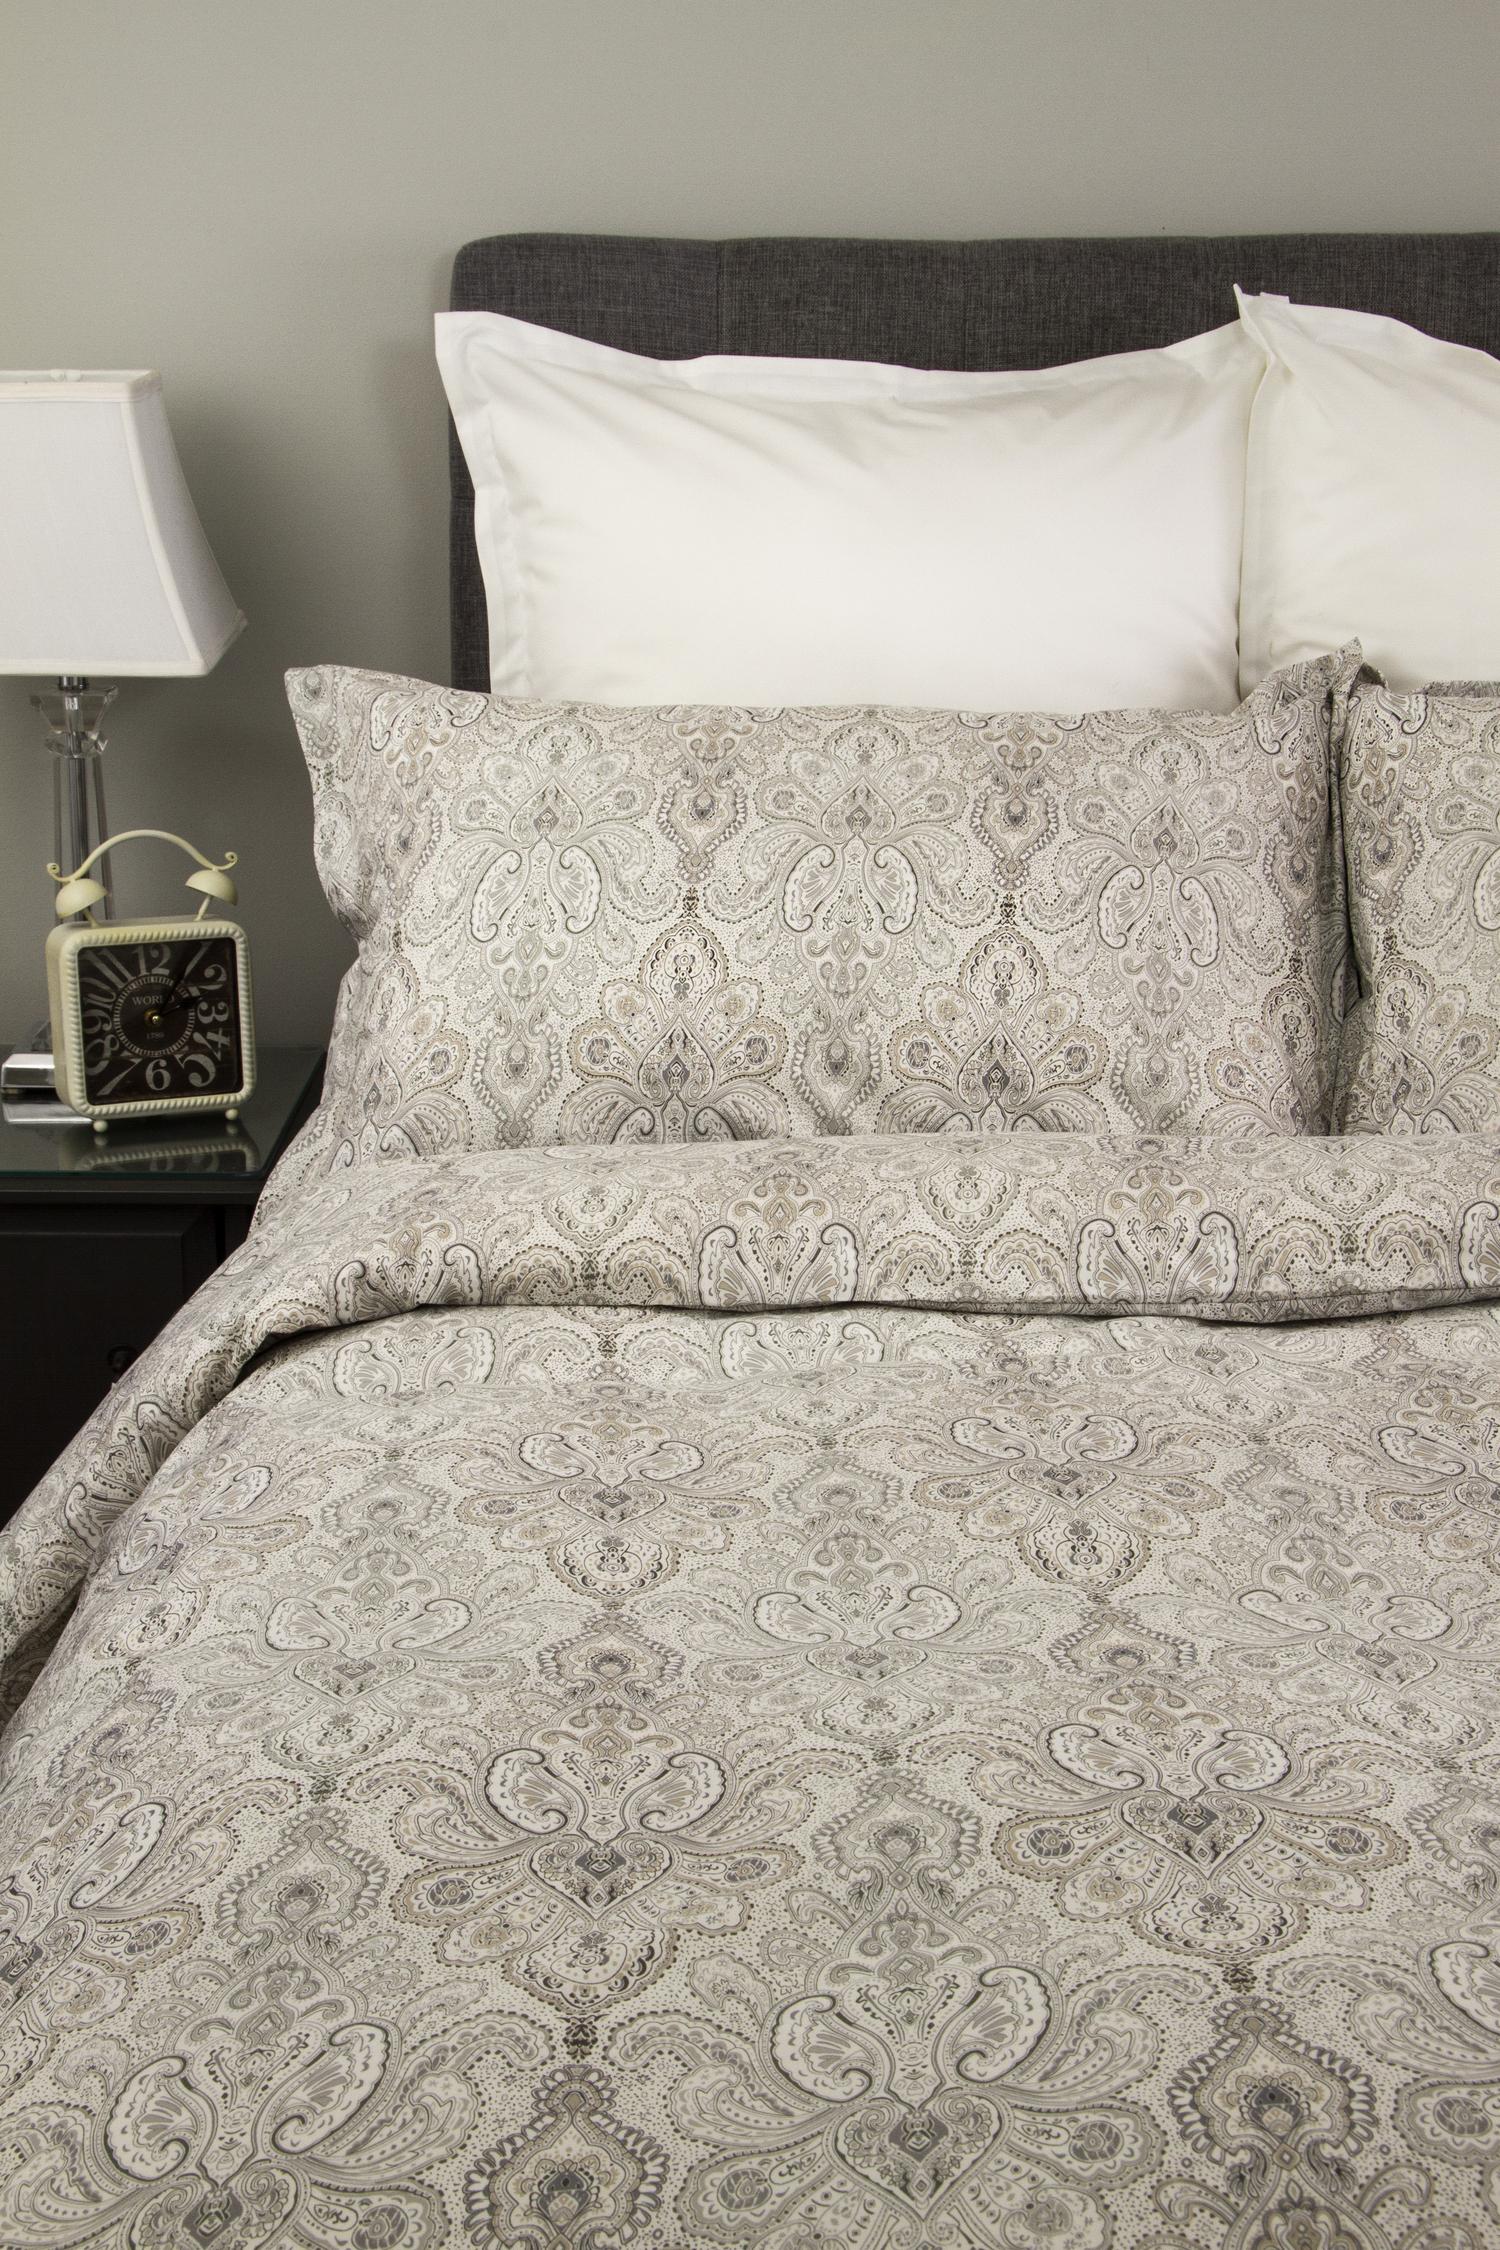 Seneca By Cd Bedding Of Ca Beddingsuperstore Com